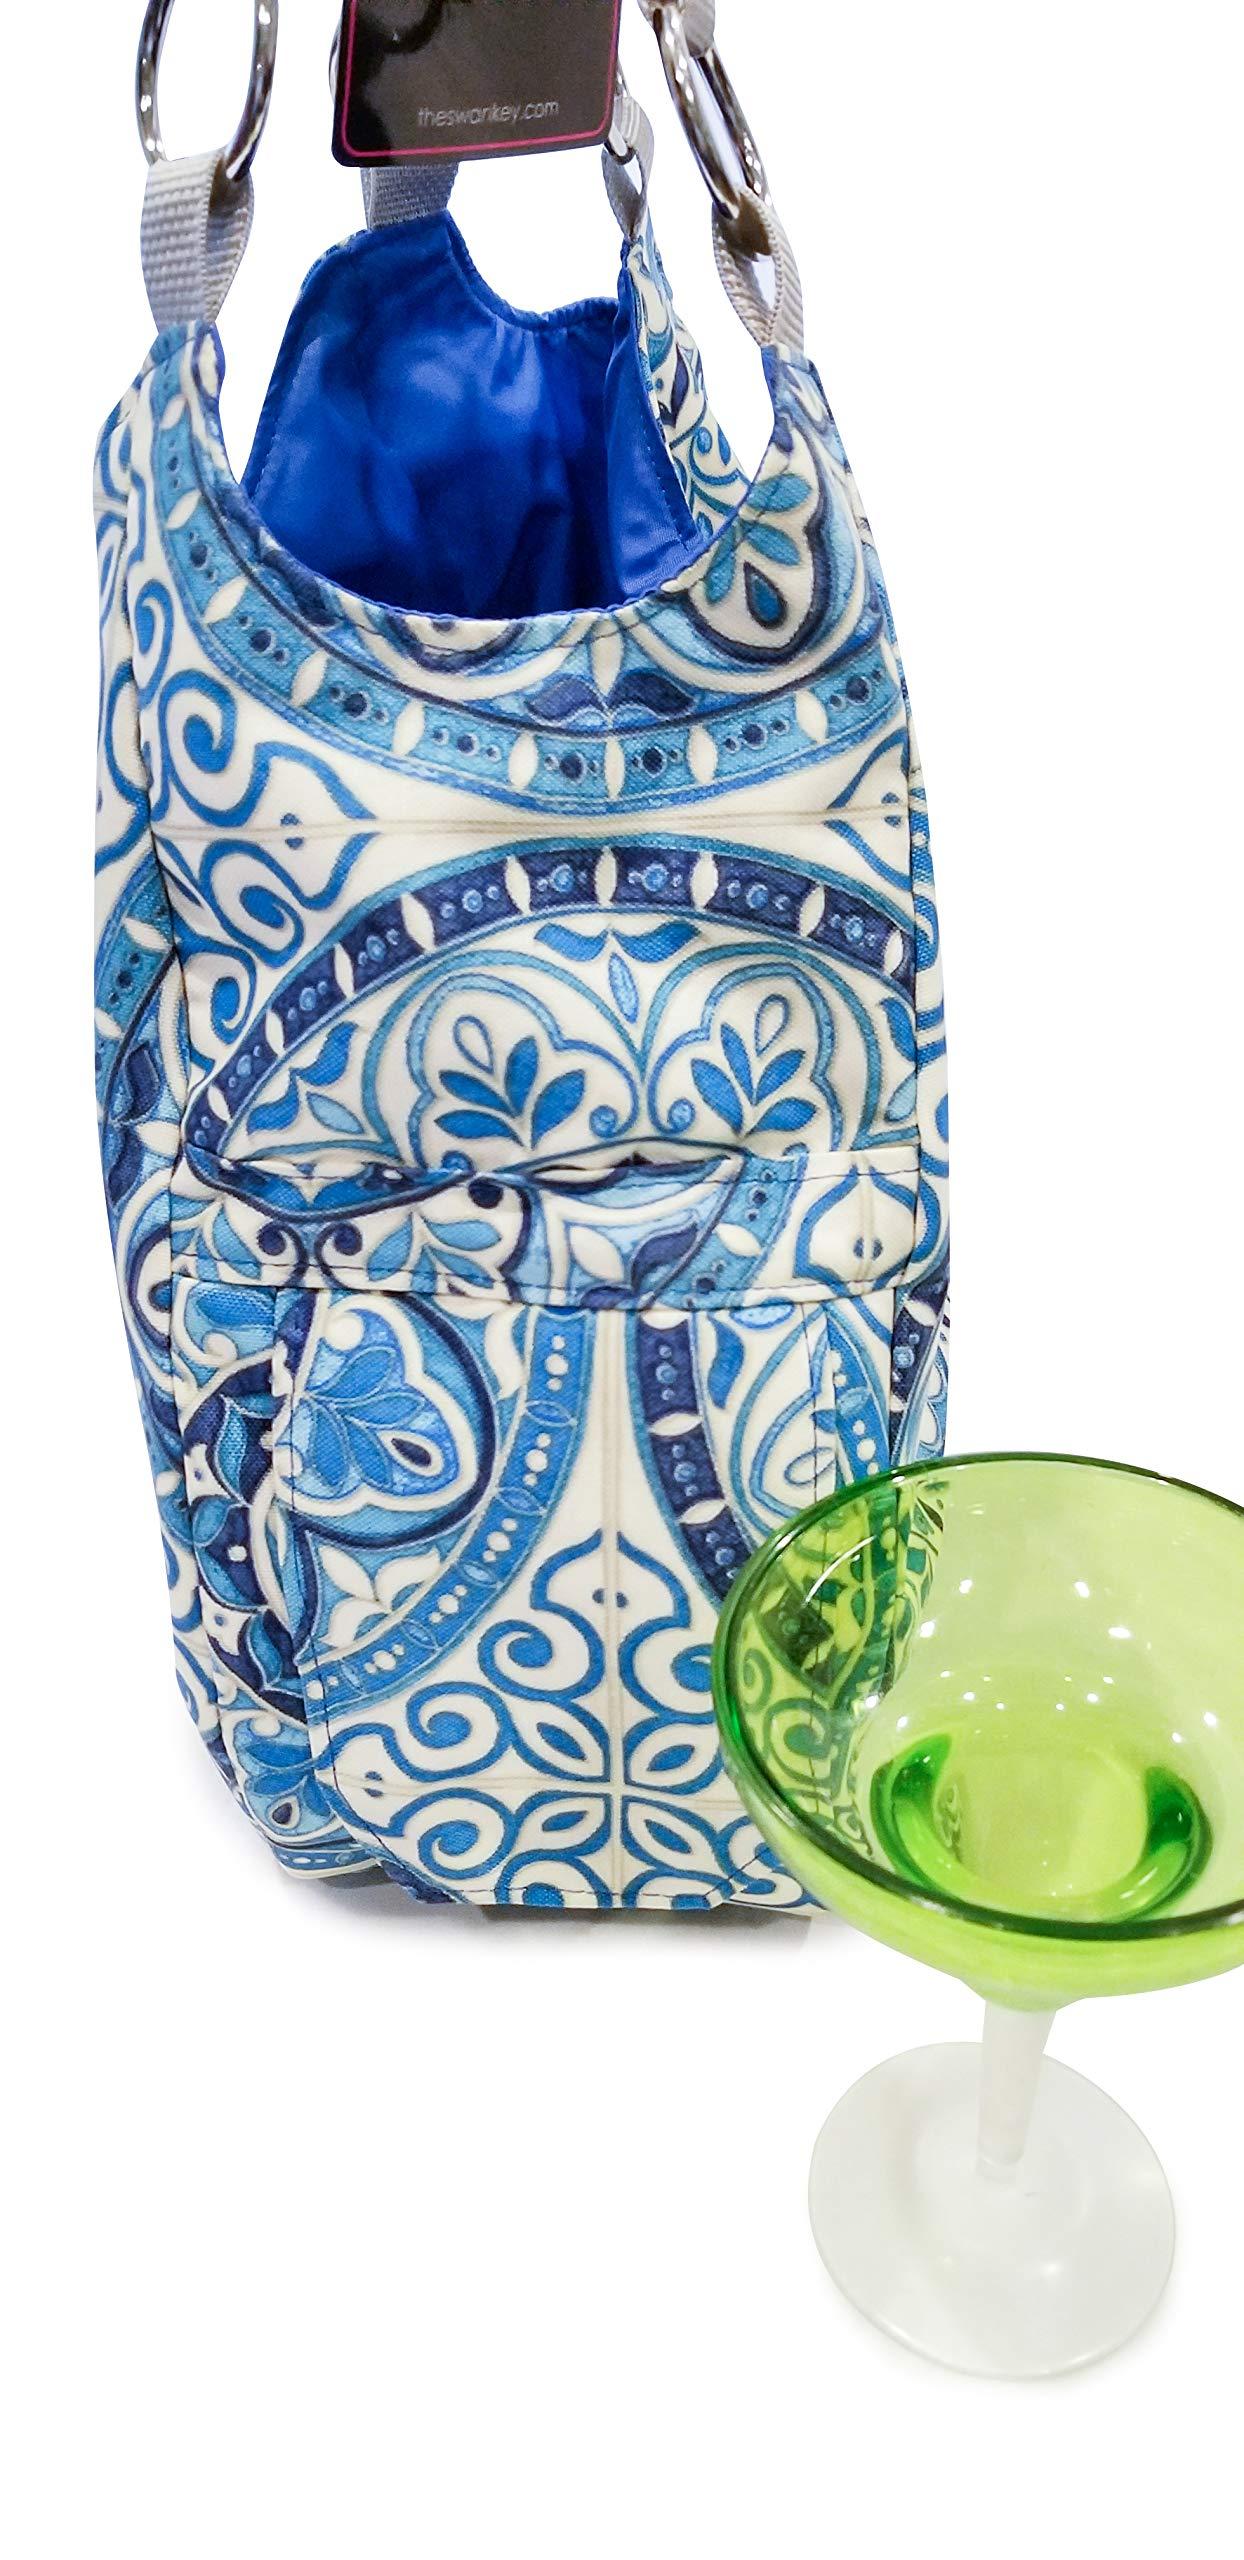 Blue Moon Swankey Beverage Tote